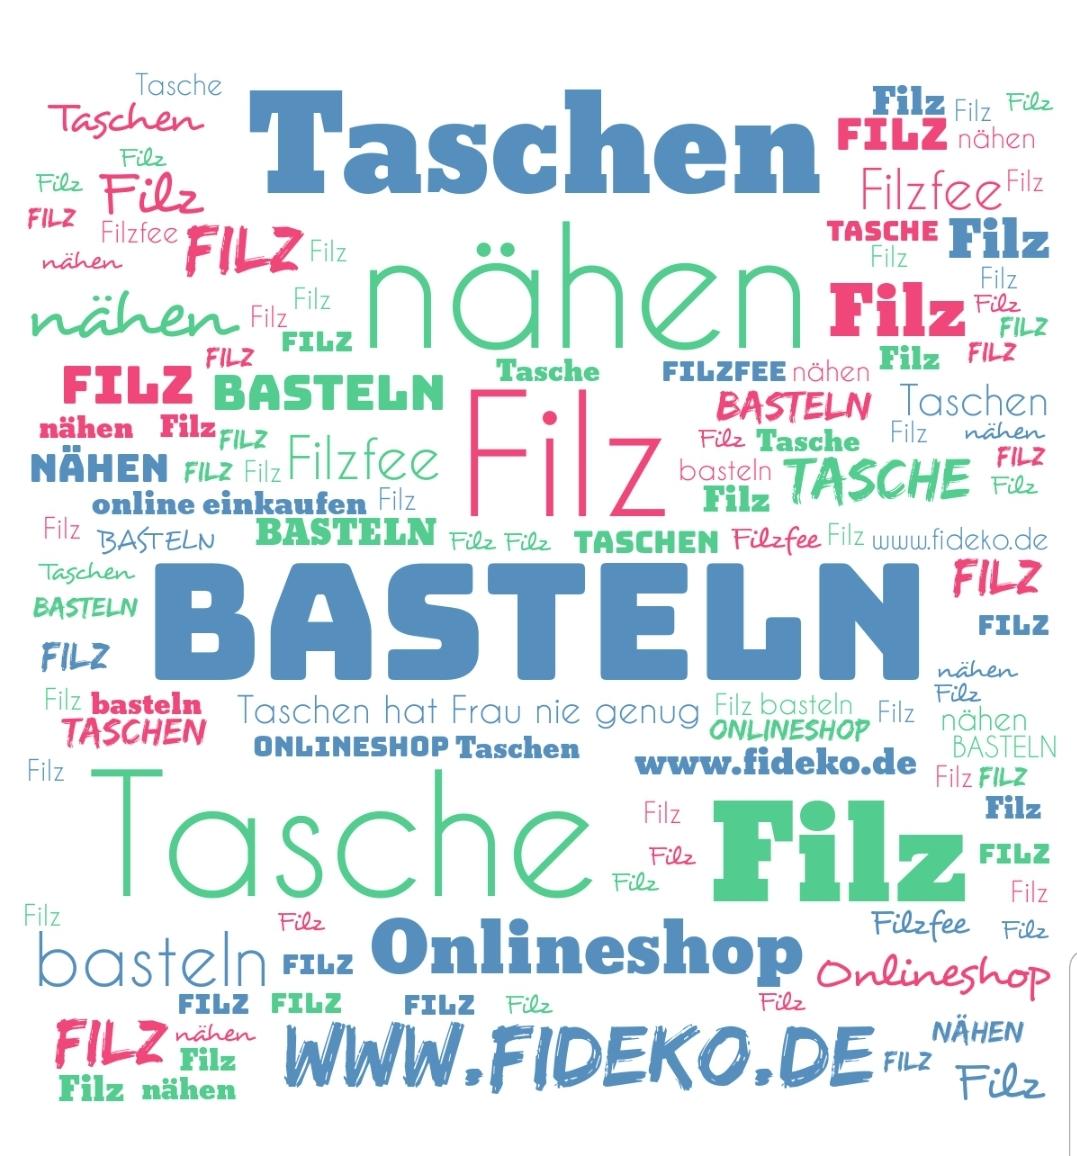 WordCloud Basteln - Handgemachte individualisierbare Taschen, Körbe, Tischsets, Dekoartikel und mehr auf fideko.de der Onlineshop seit 2011